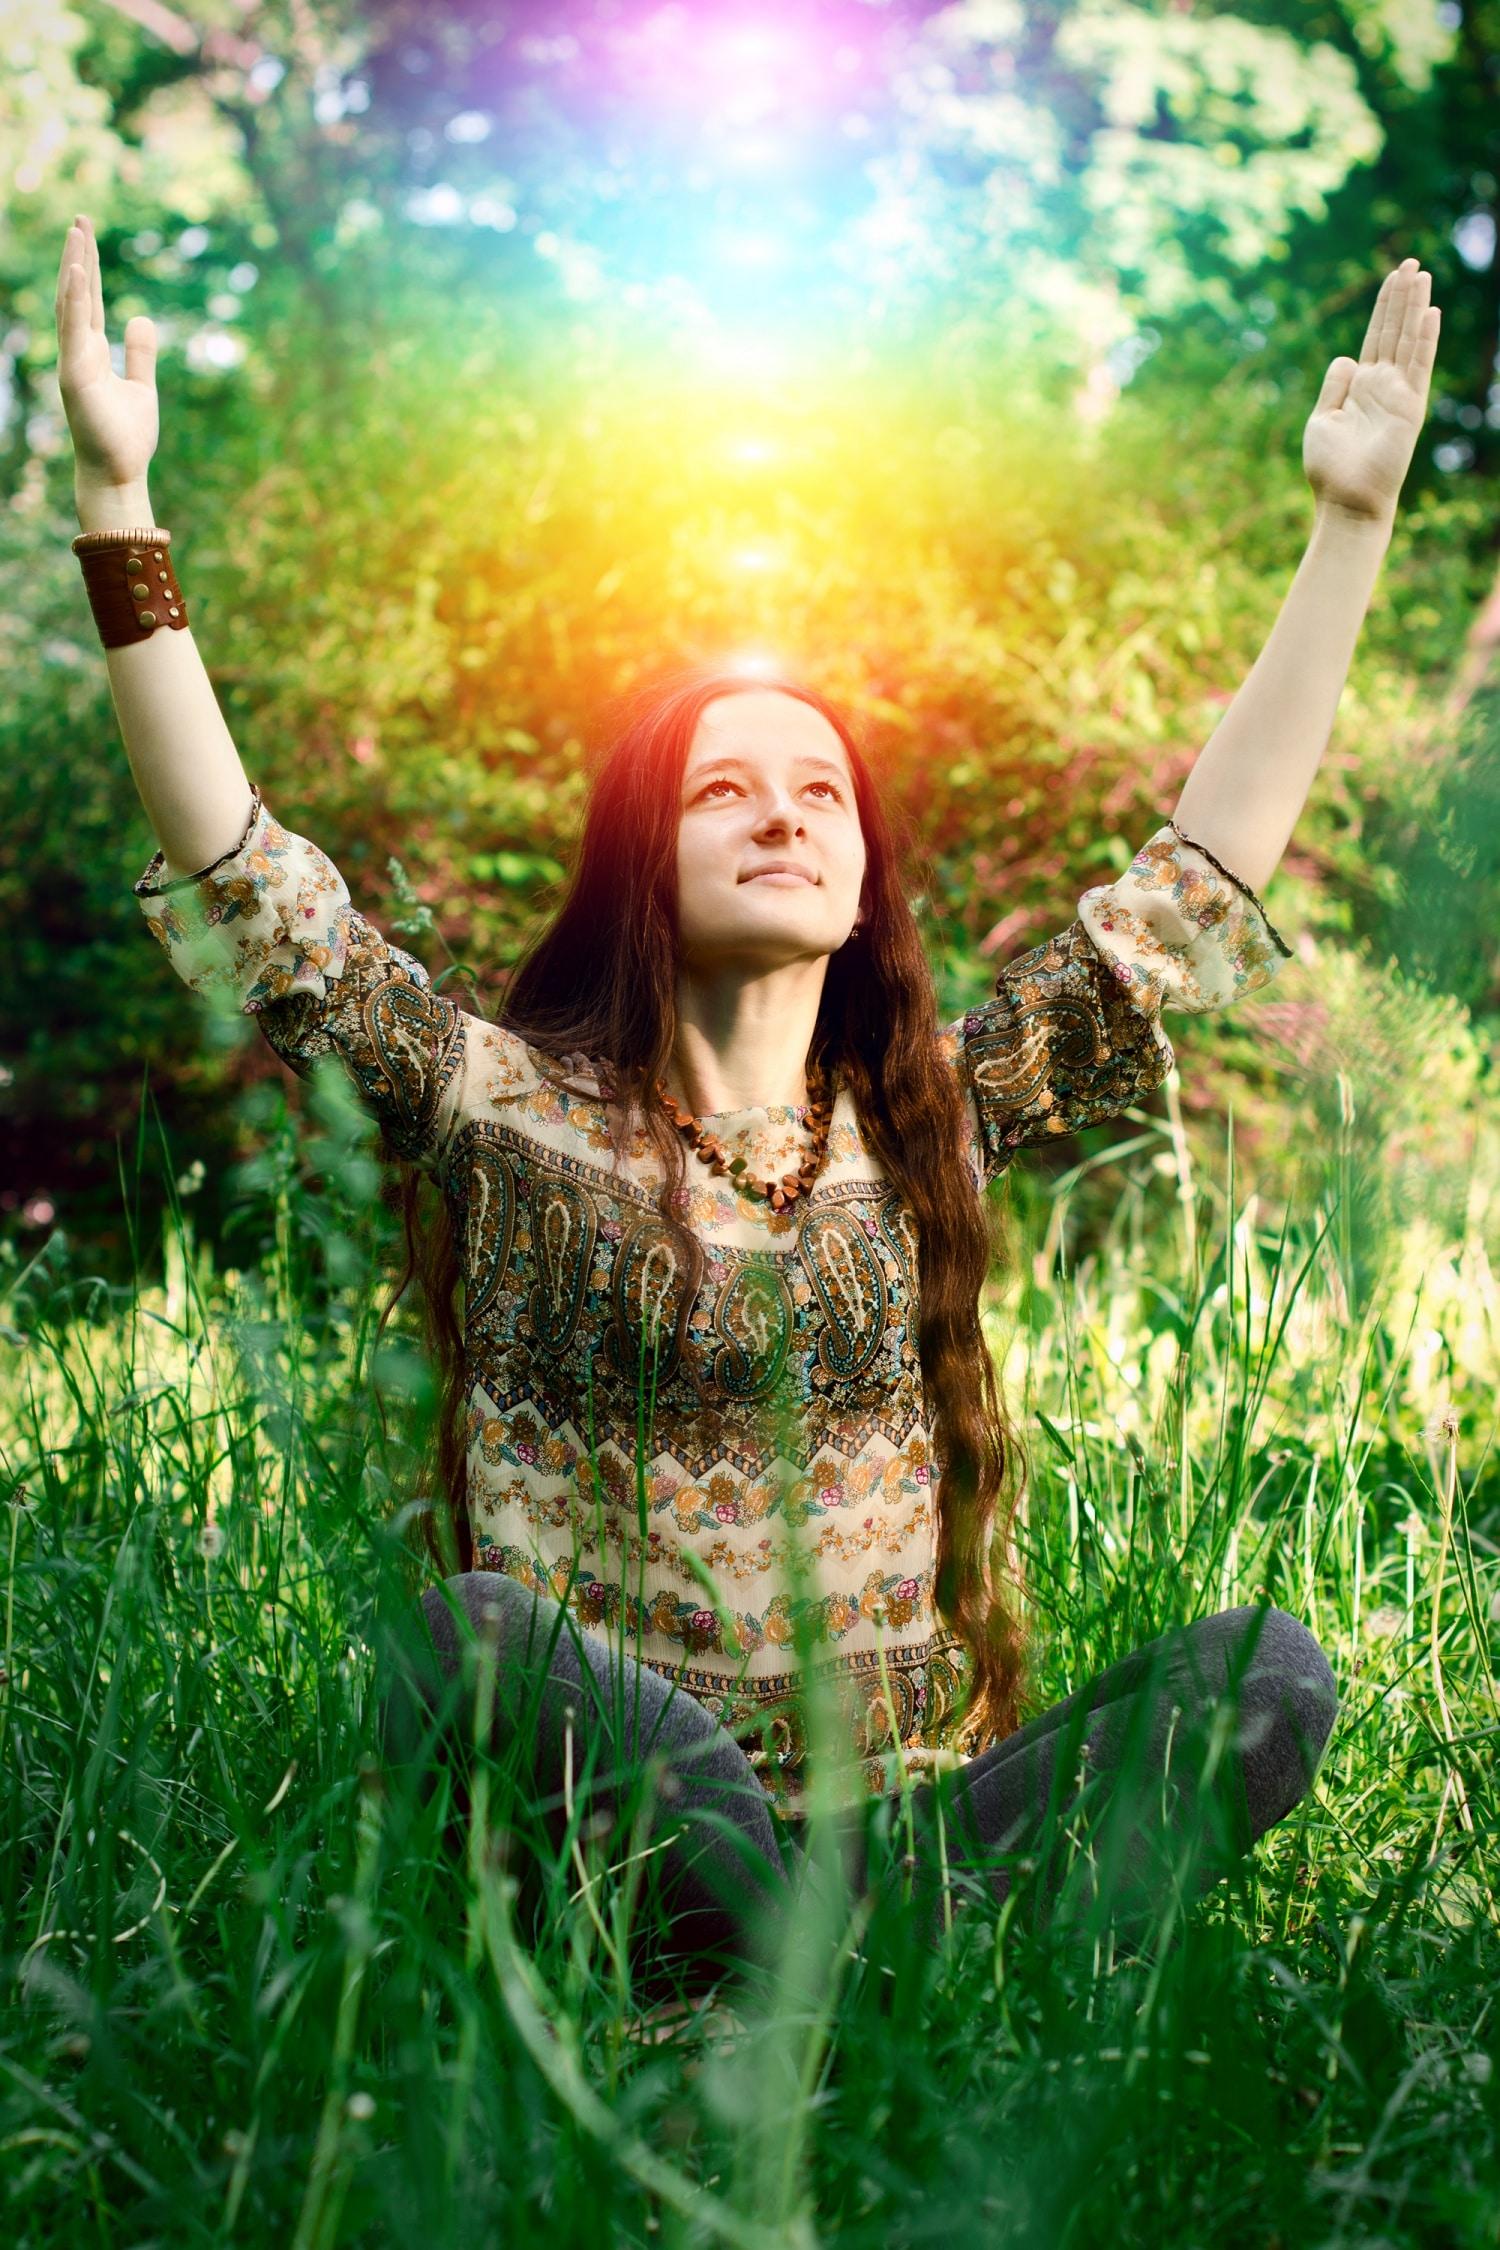 Pszichikus önvédelem: így erősítsd meg az aurádat!